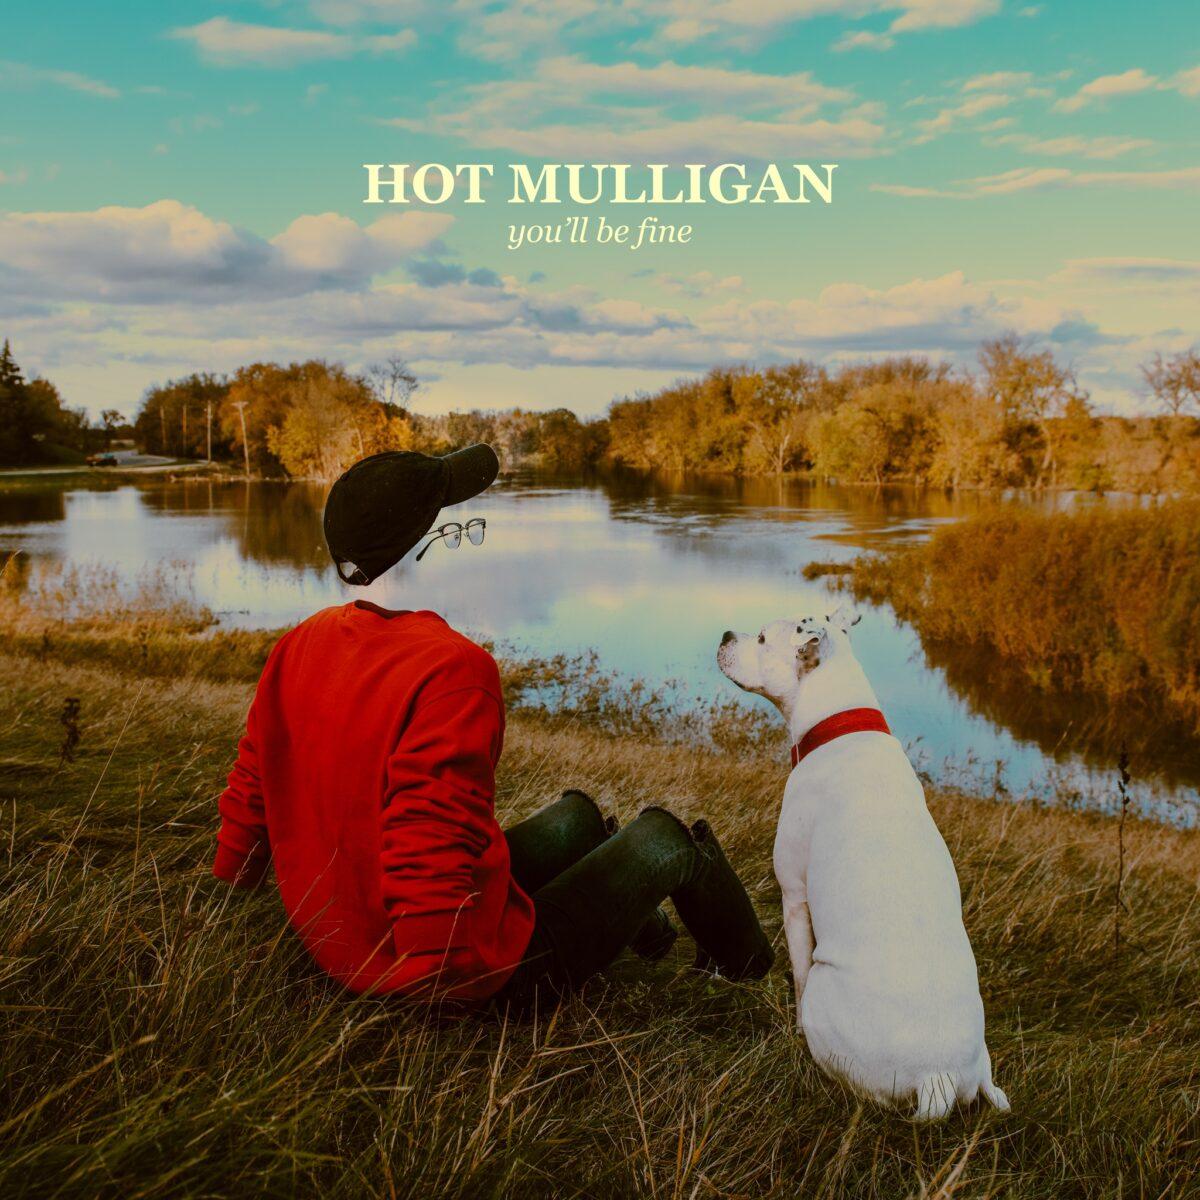 hot mulligan